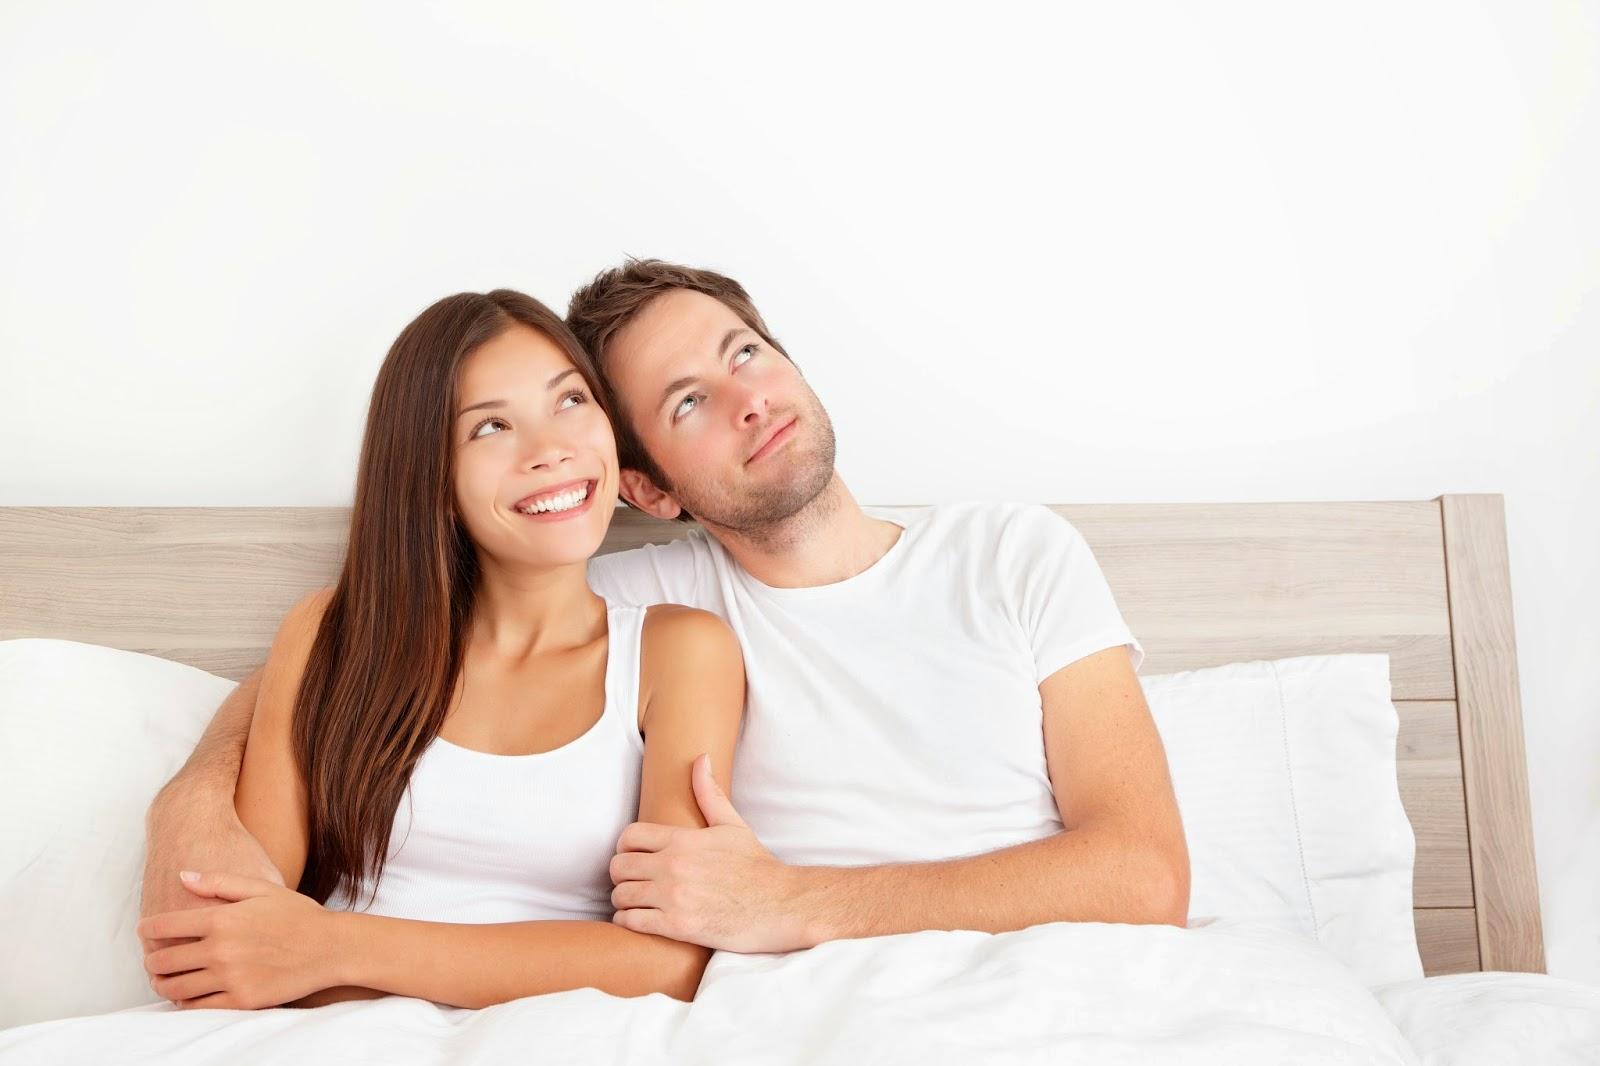 Sie wollen guten Sex in einer Beziehung? Dann sollten Sie diese Dinge nicht tun.